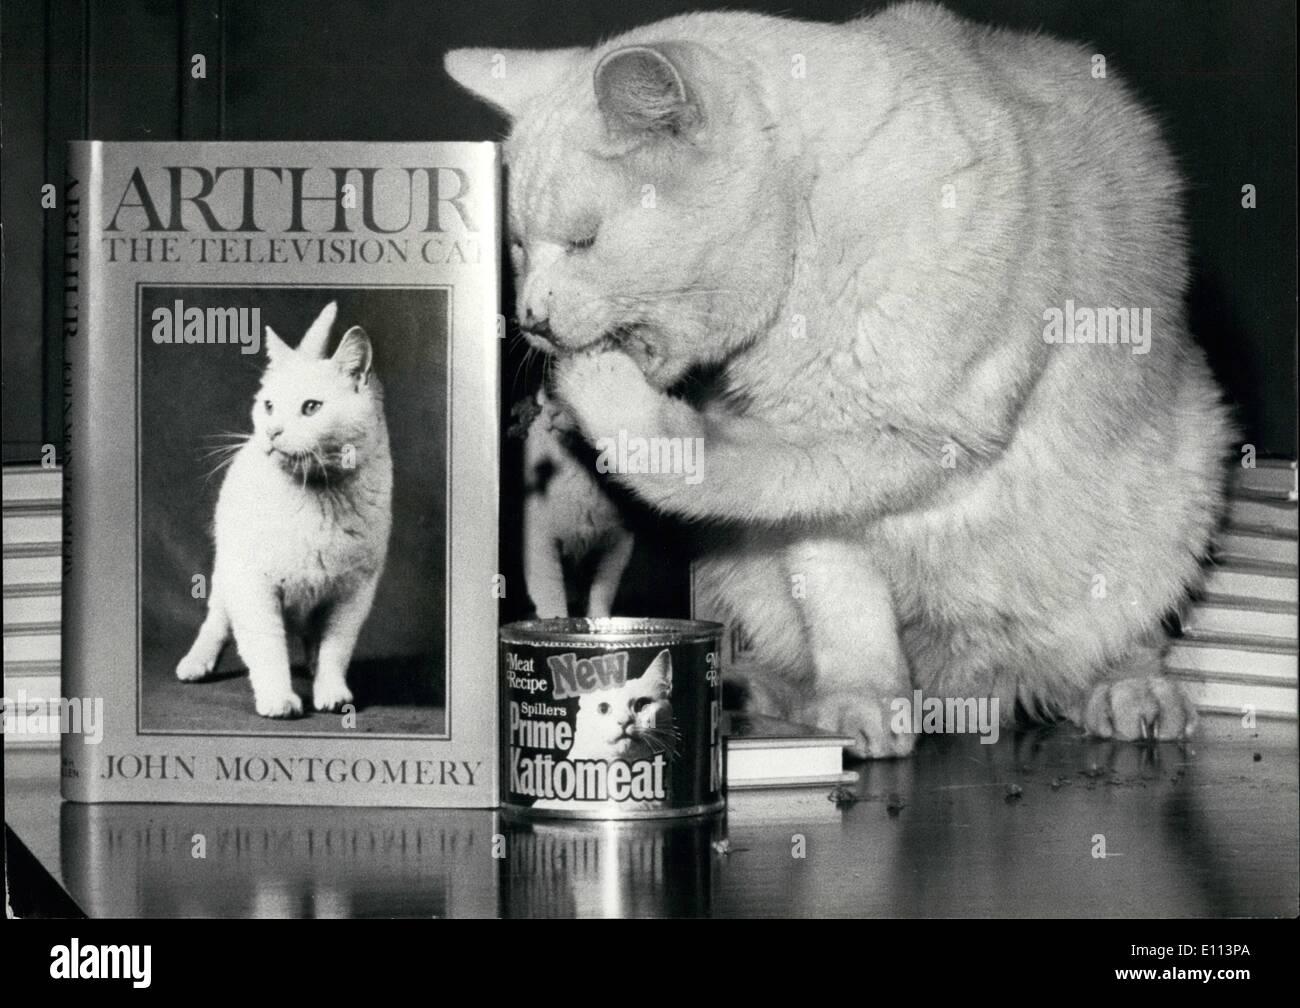 10 octobre 1975 - Arthur Le Chat de télévision publie un livre sur l'histoire de sa Liife: Arthur le célèbre chat de la télévision aujourd'hui ajouté une autre réalisation à son histoire de succès. Il a juste eu l'histoire de sa vie et publié aujourd'hui, il était présent à ''signer'' cxalled copies Arthur - le chat, la télévision publié par W.H. Allen, et écrit par John Montgomery, Arthur qui devenu célèbre parce qu'elle utilise sa patte à ramasser des aliments provenant d'un cat-tin , a fait entreposer que 30 films de télévision, et il y a des T-shirts et des serviettes avec sa photo sur eux. En 1968, il fait sensation lorsqu'il a été enlevé Photo Stock